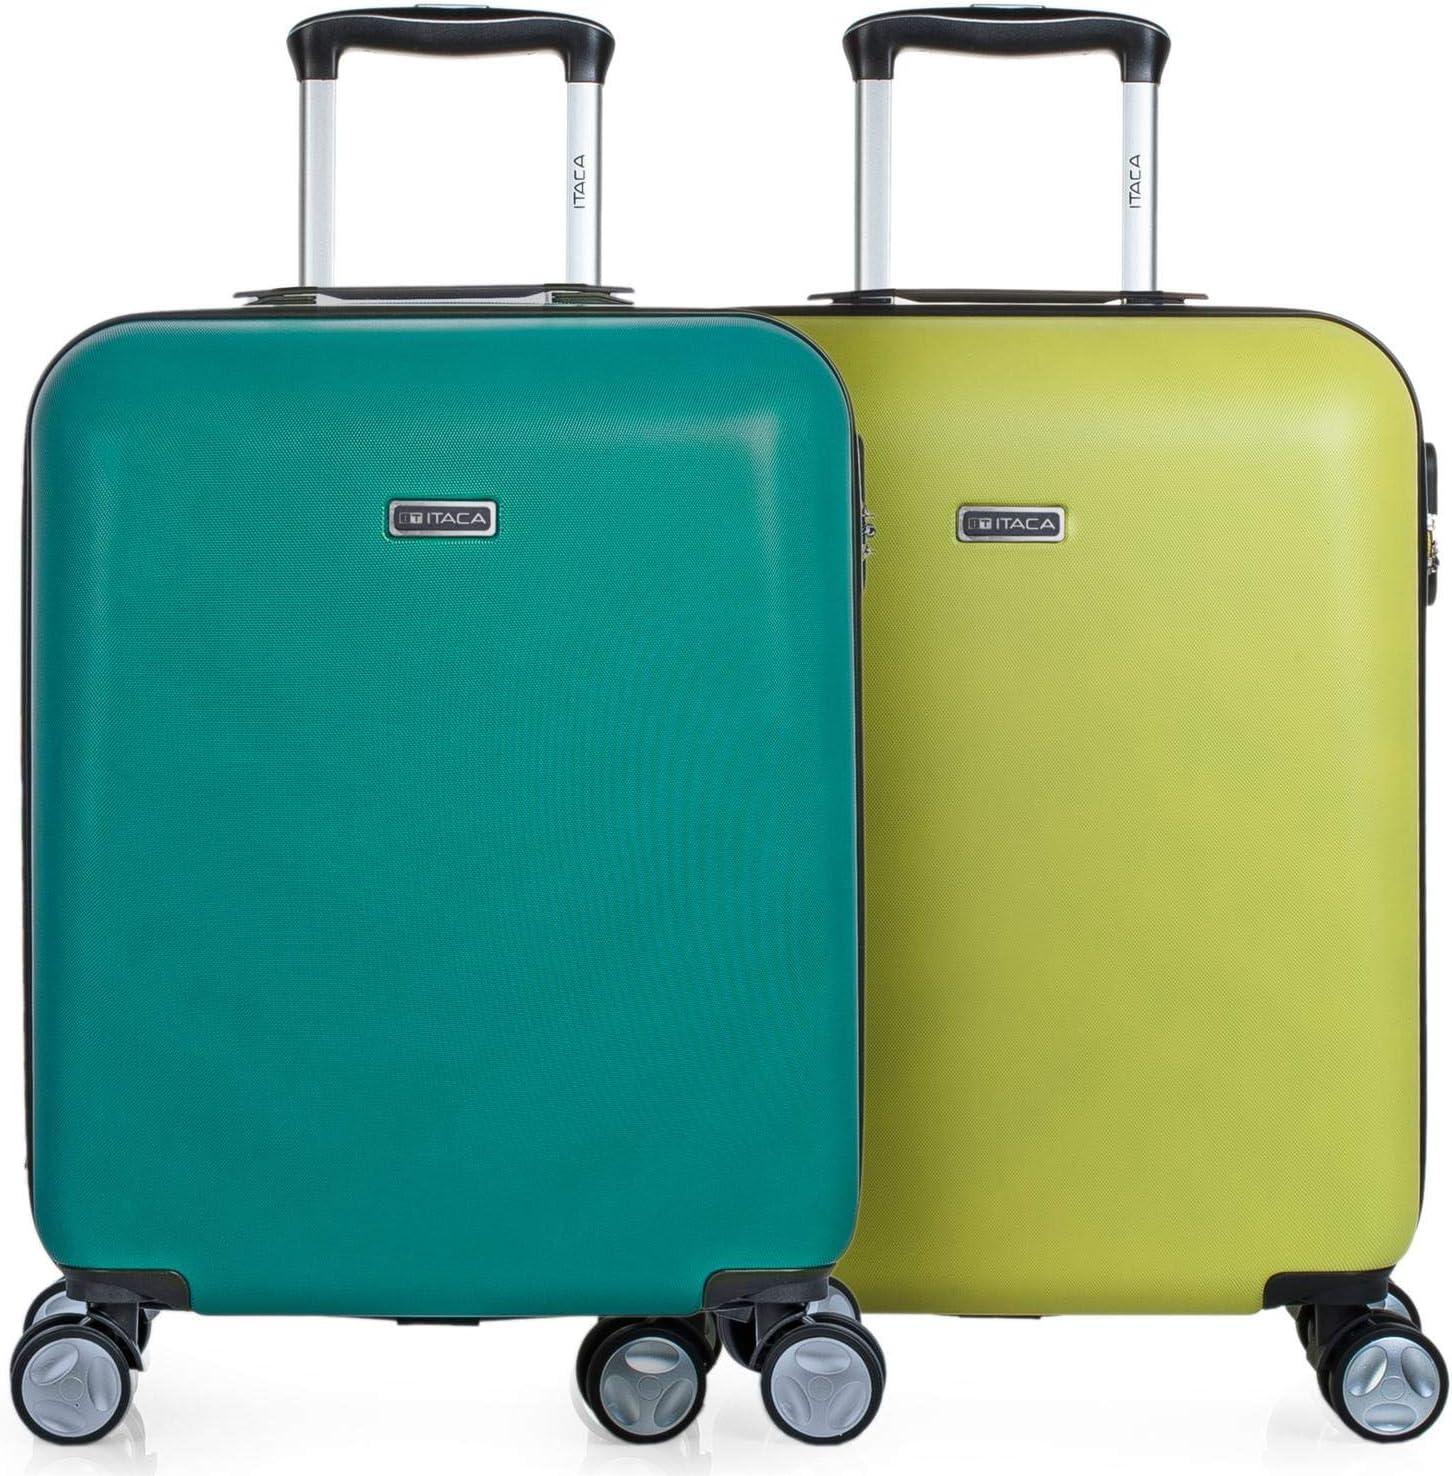 ITACA - Pack 2 Maletas de Viaje Rígidas 4 Ruedas 55x40x20 cm Cabina Trolley ABS. Equipaje de Mano. Resistentes y Ligeras. Mango Asa Candado. Low Cost Ryanair. T58050P, Color Esmeralda-Gris/Amarillo-Gr